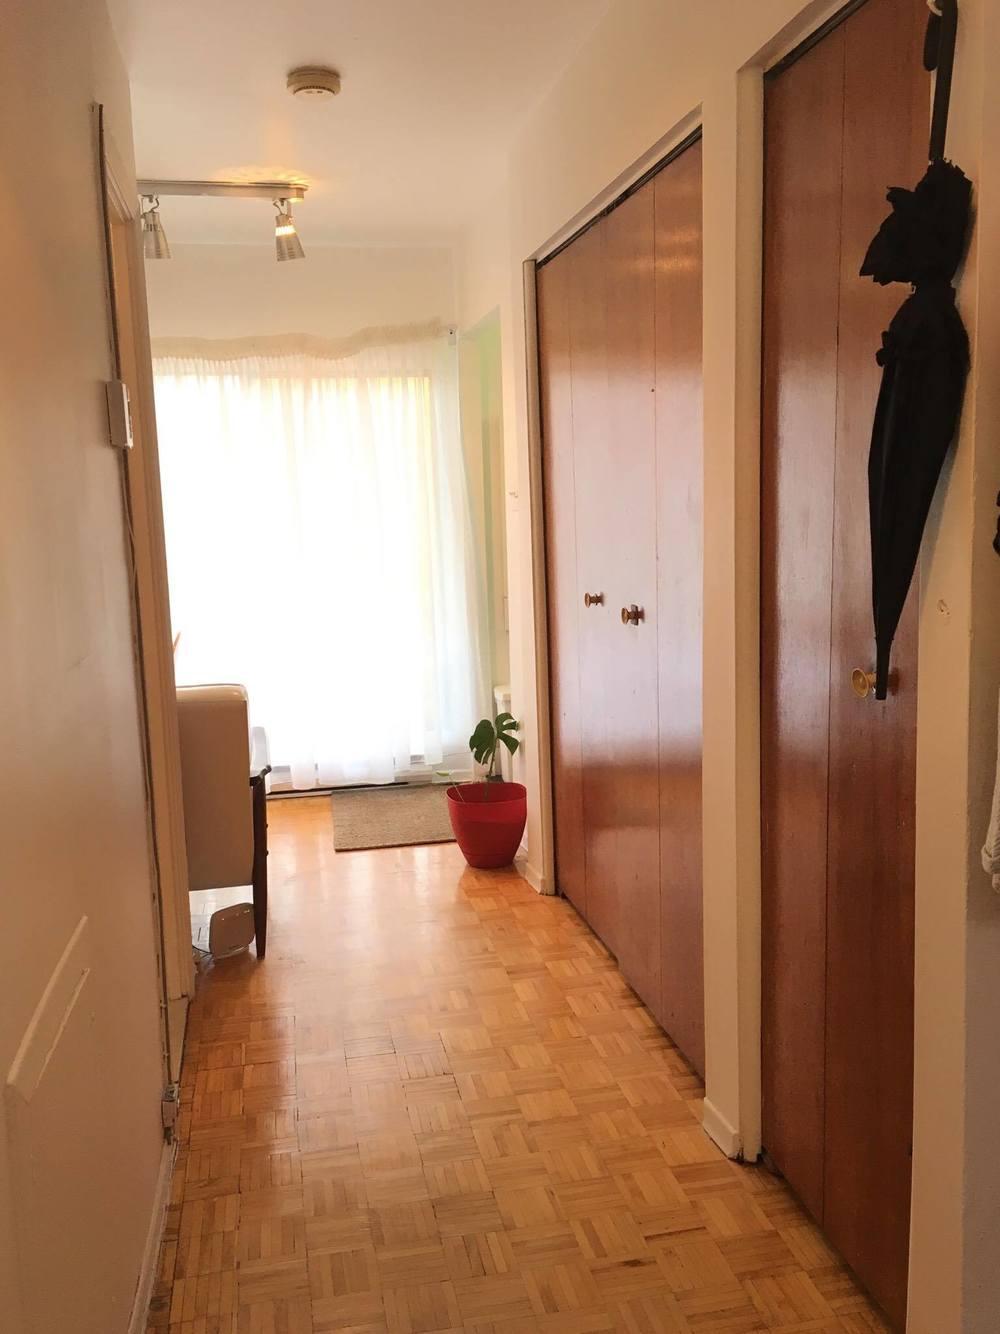 Aa corridor